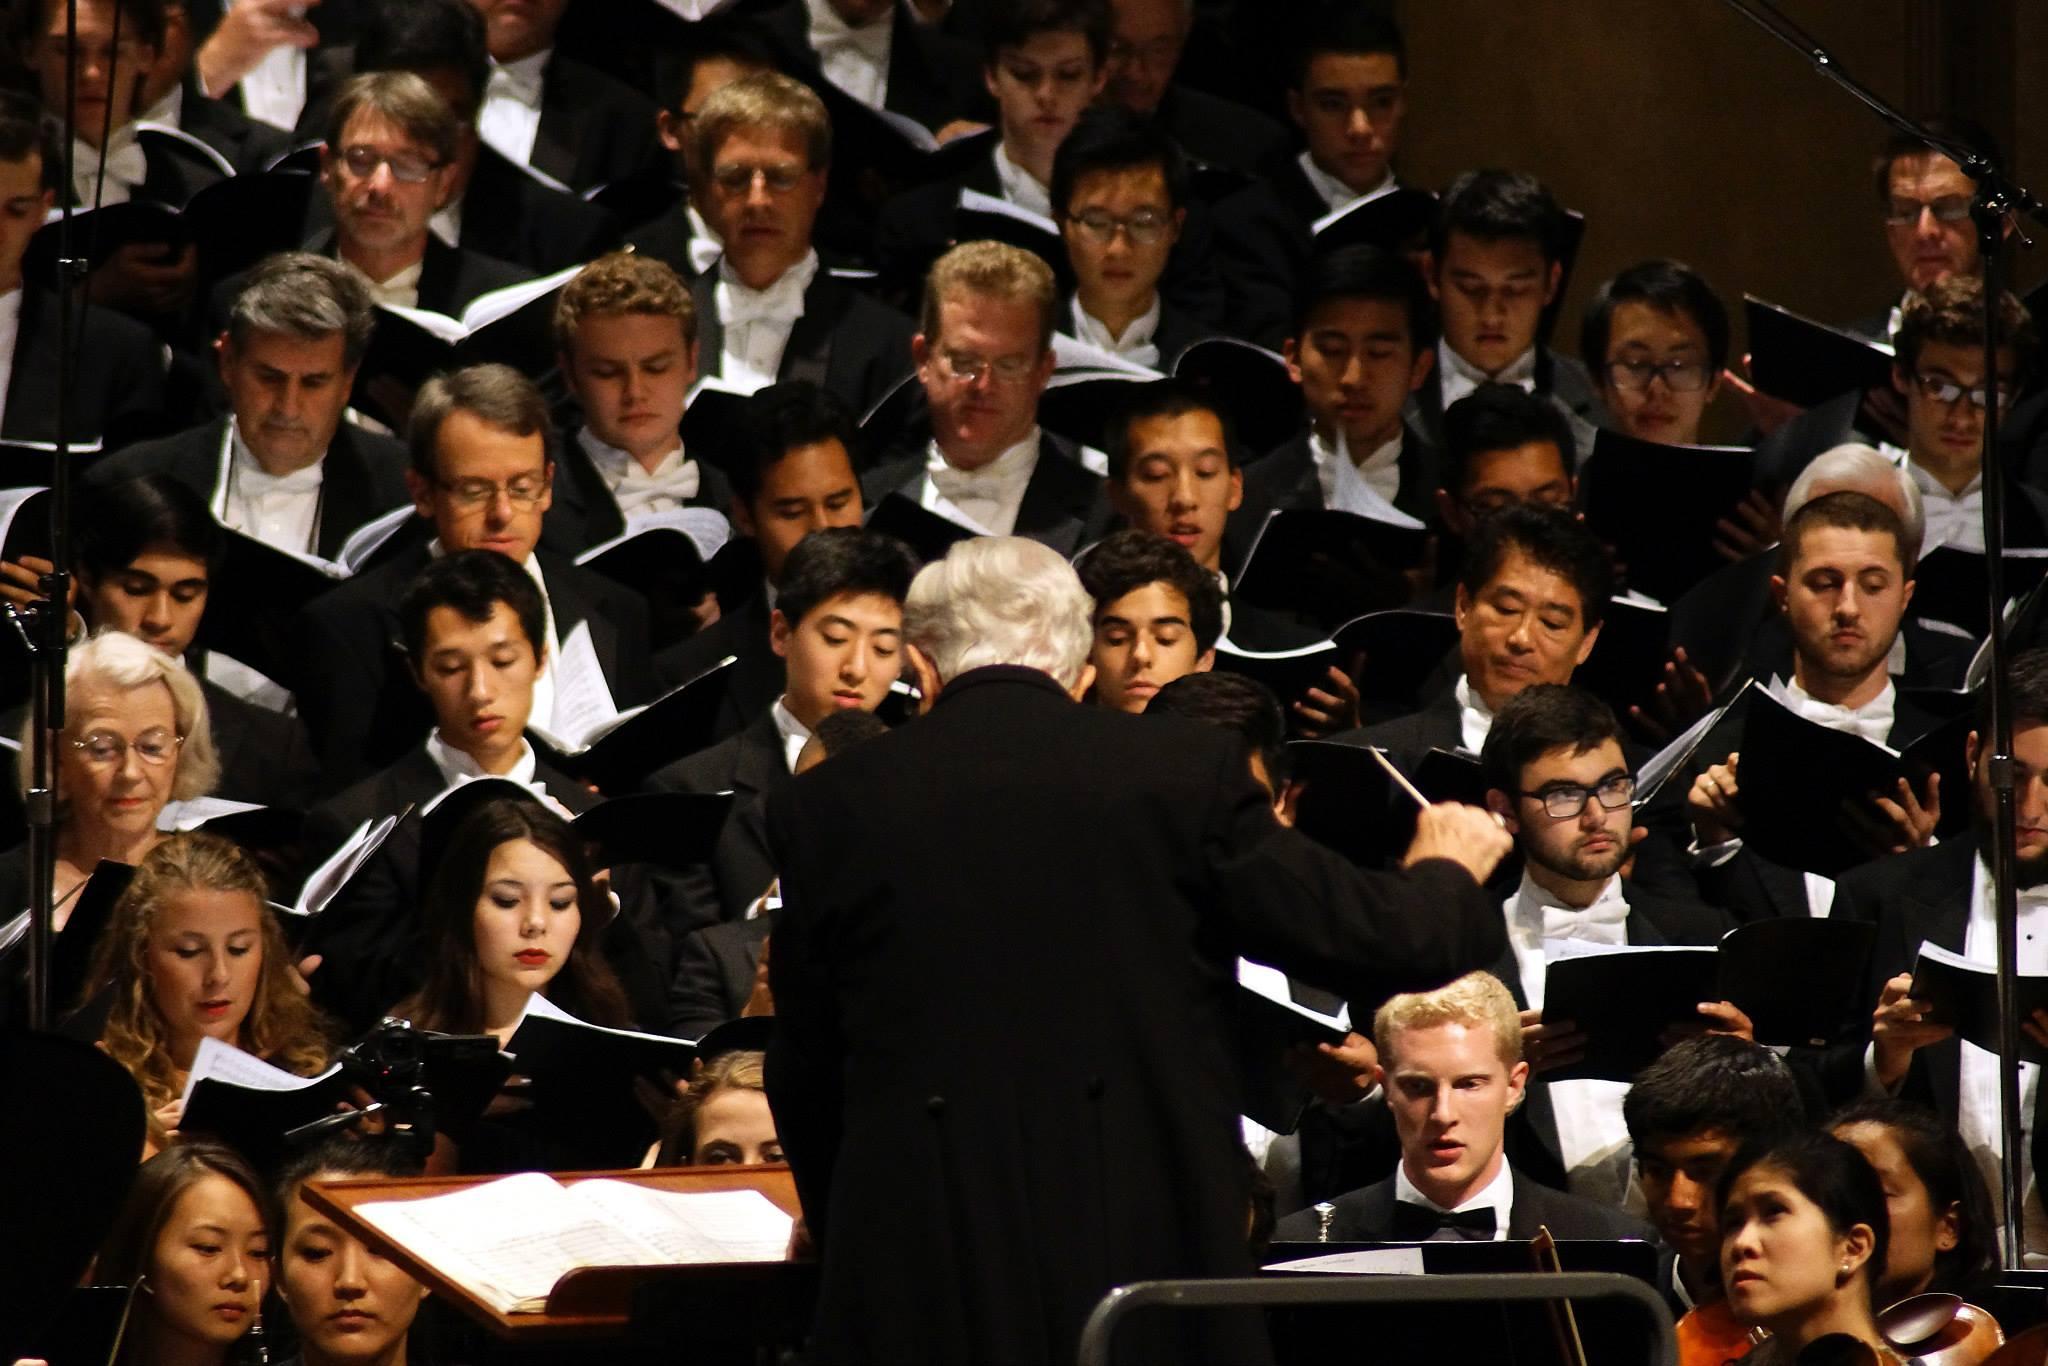 Beethoven chorale men